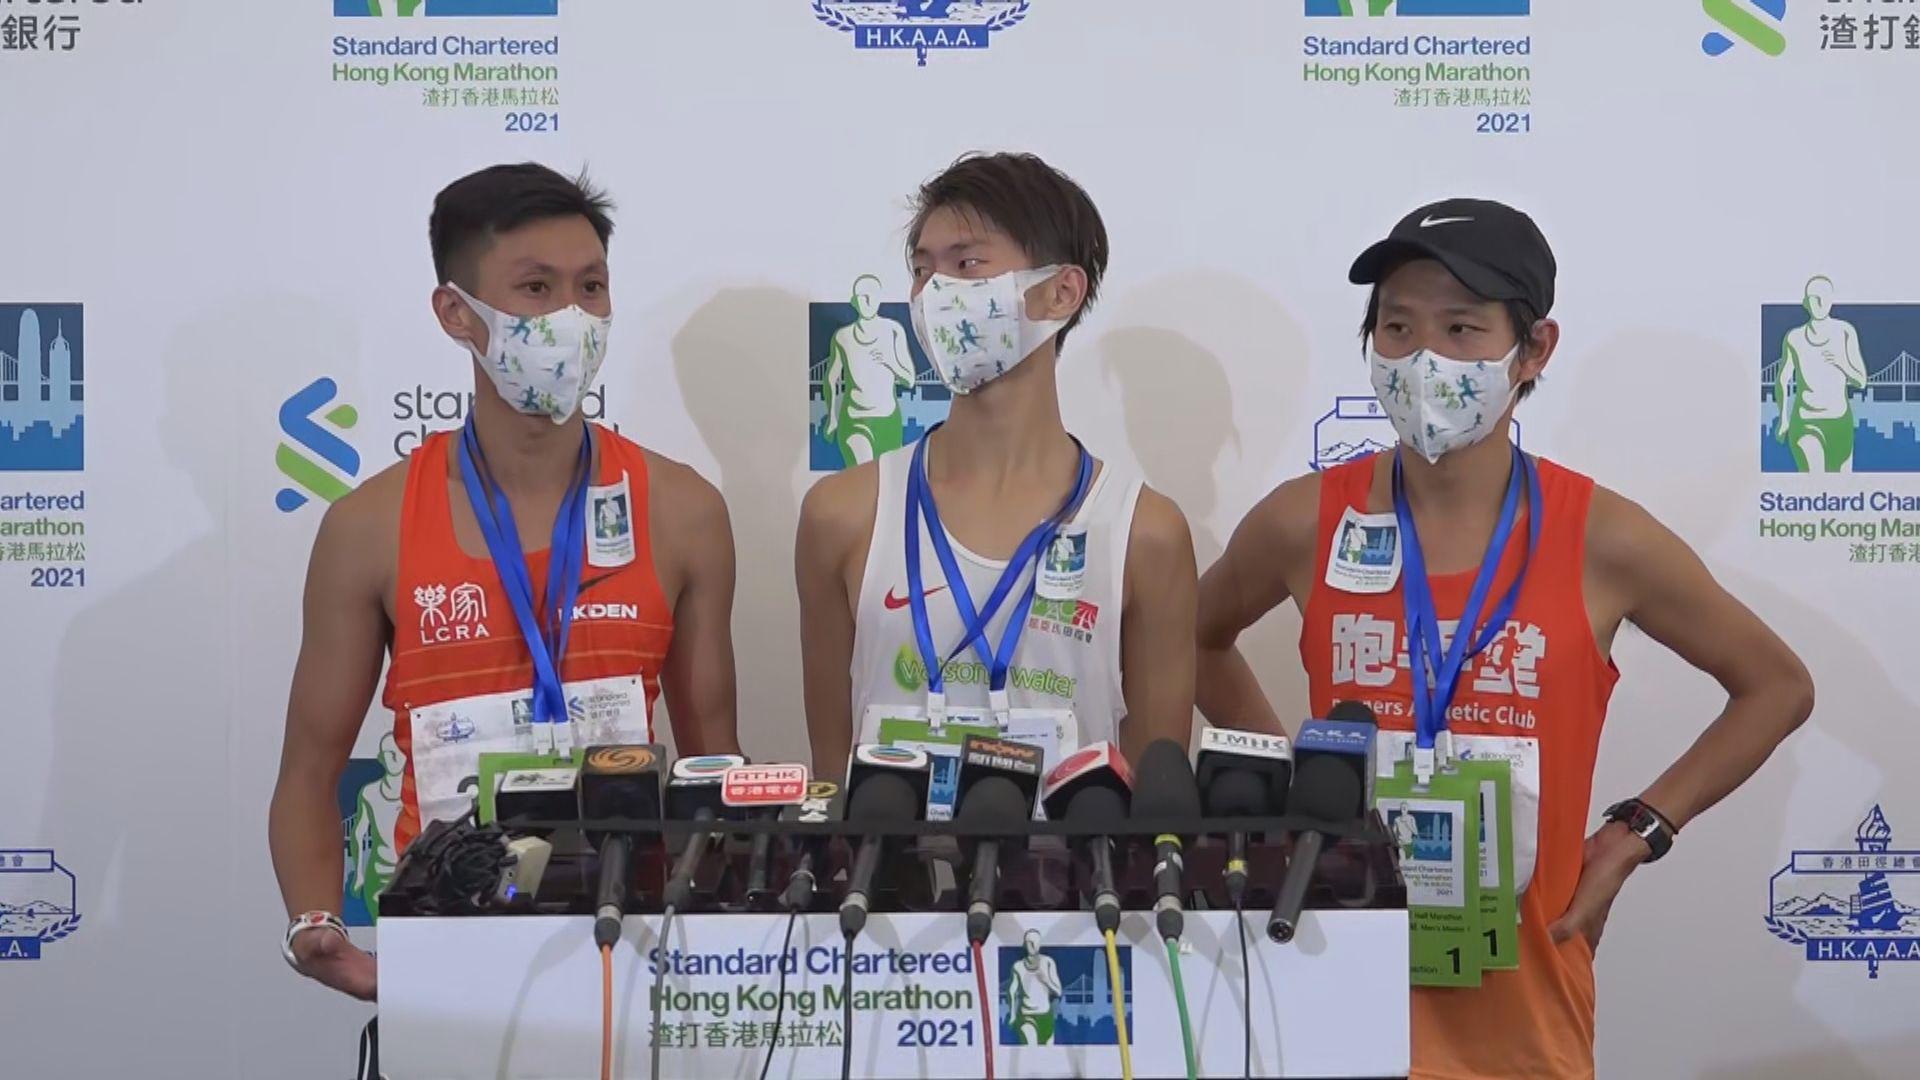 香港馬拉松 黃啟樂及姚潔貞首奪全馬男女子組冠軍